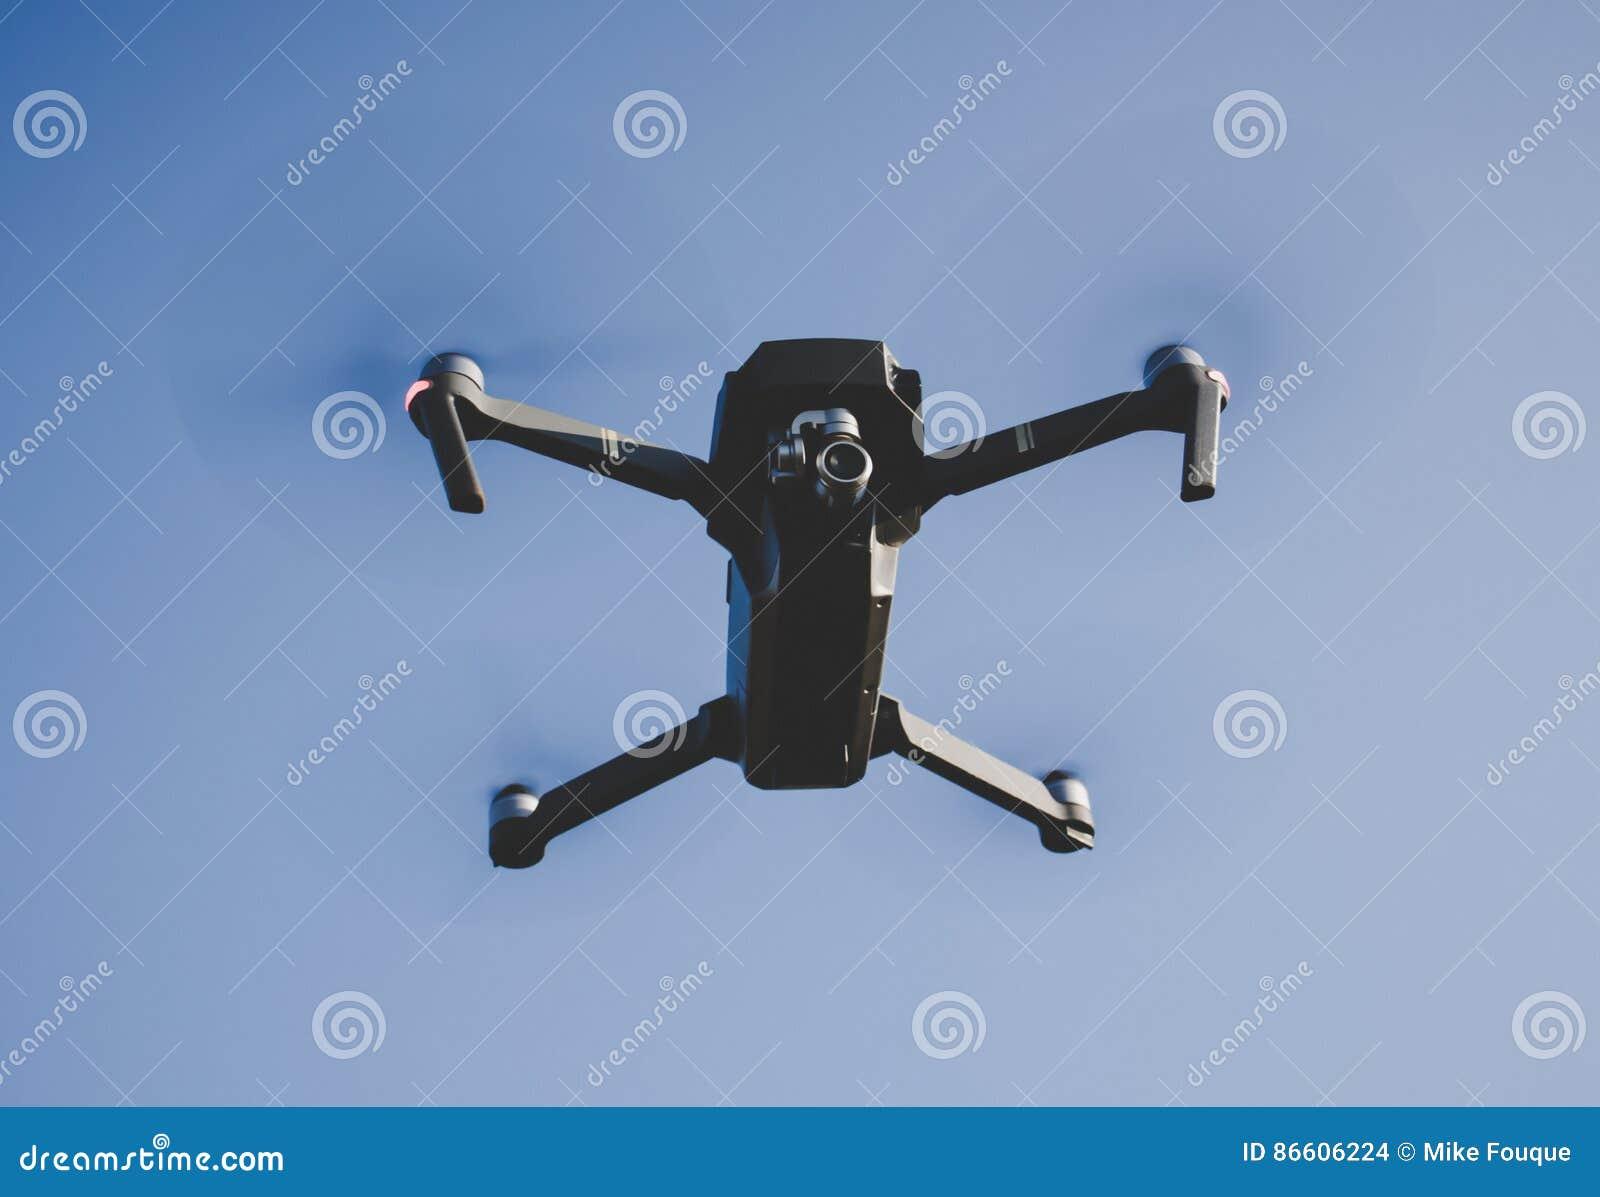 Drohnenfliegen